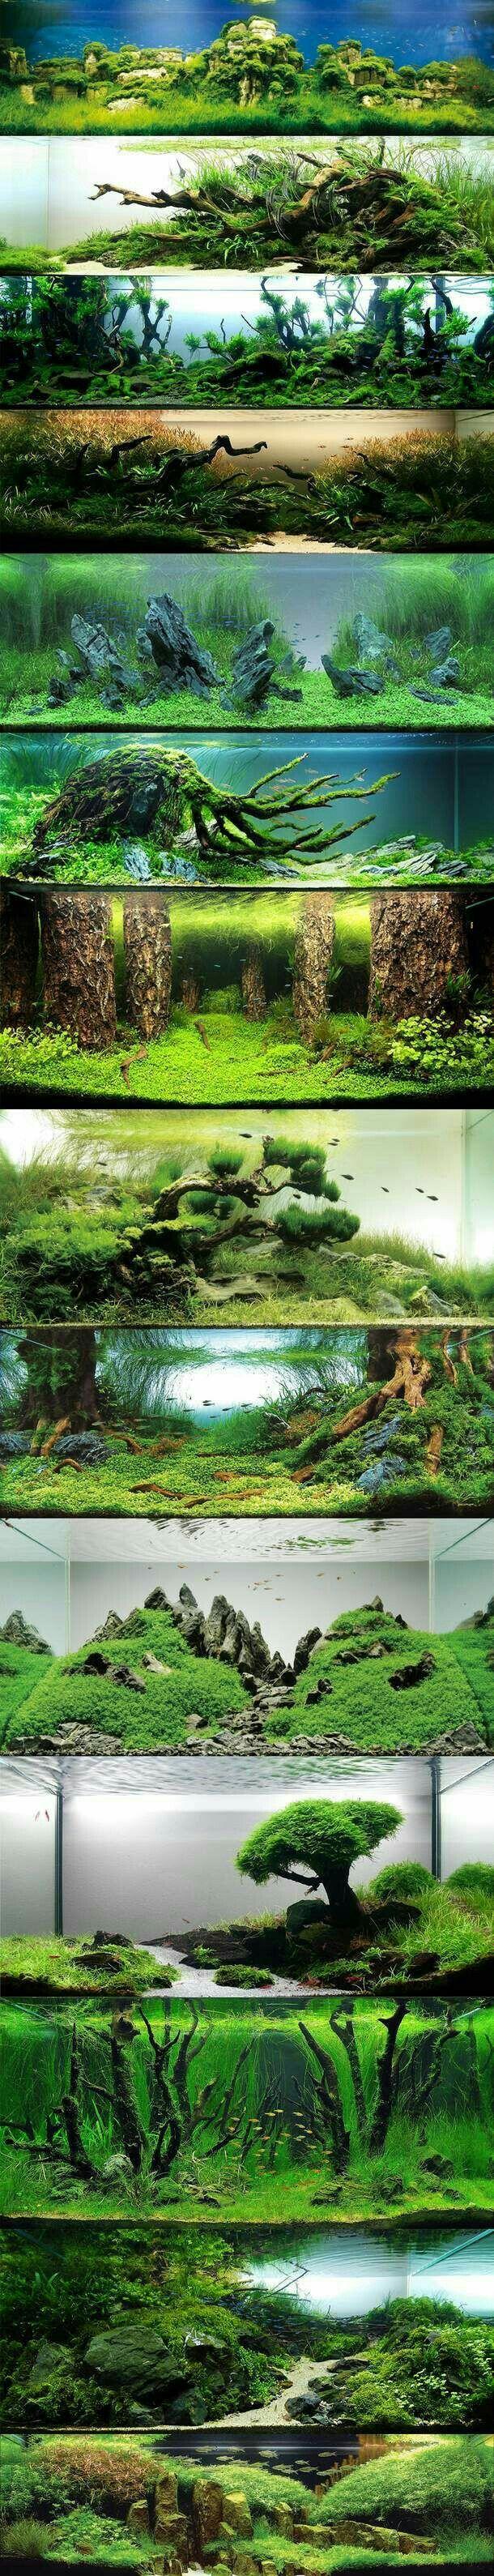 f09f03e334e961c4d2734a31e6343365--aquascape-aquarium-planted-aquarium Frais De Aquarium A tortue Concept